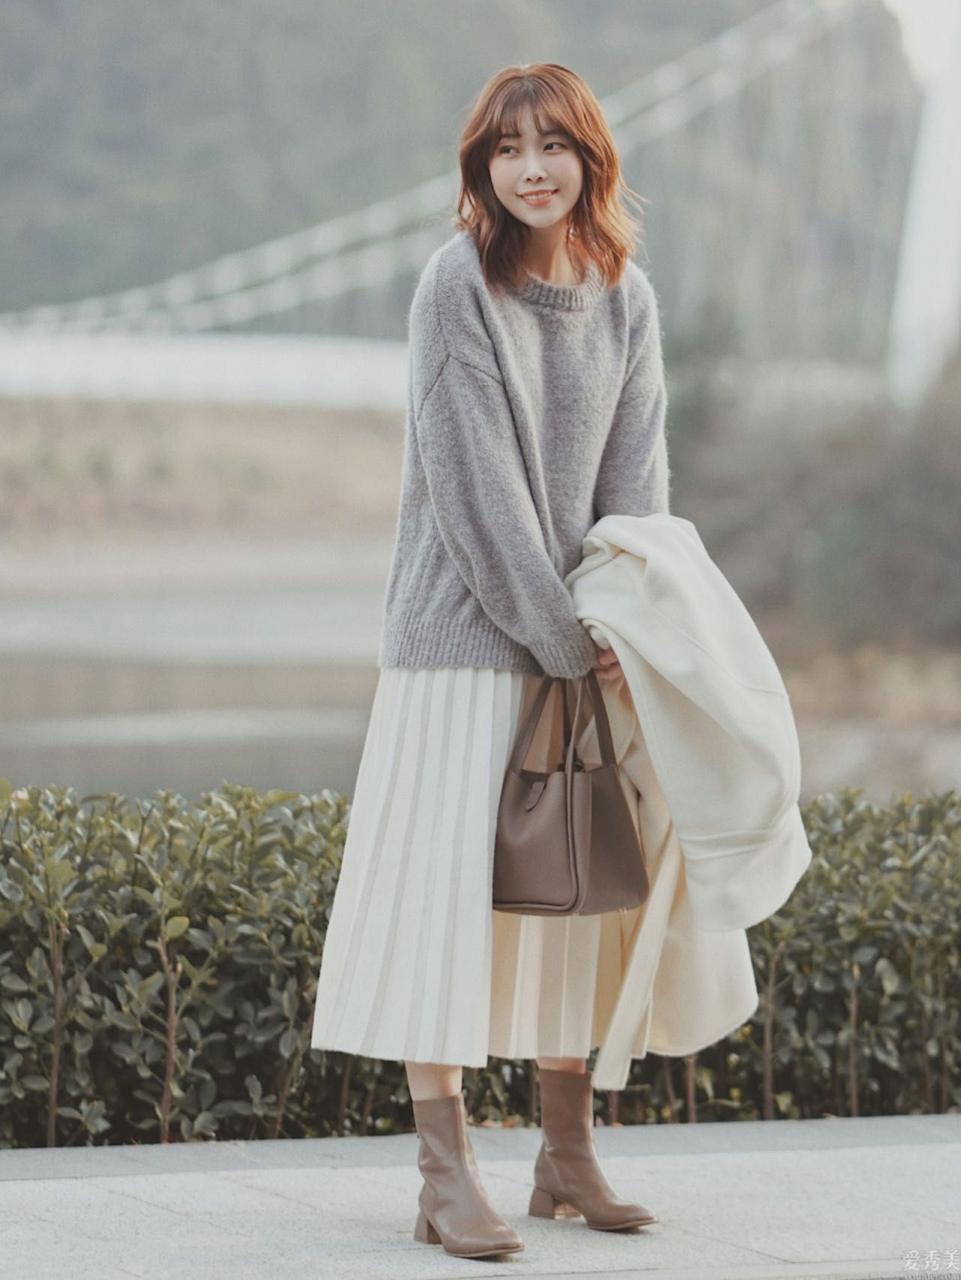 2021年流行一種穿搭,叫雲朵毛衣+膝下裙,成熟的女人那麼穿好雅致